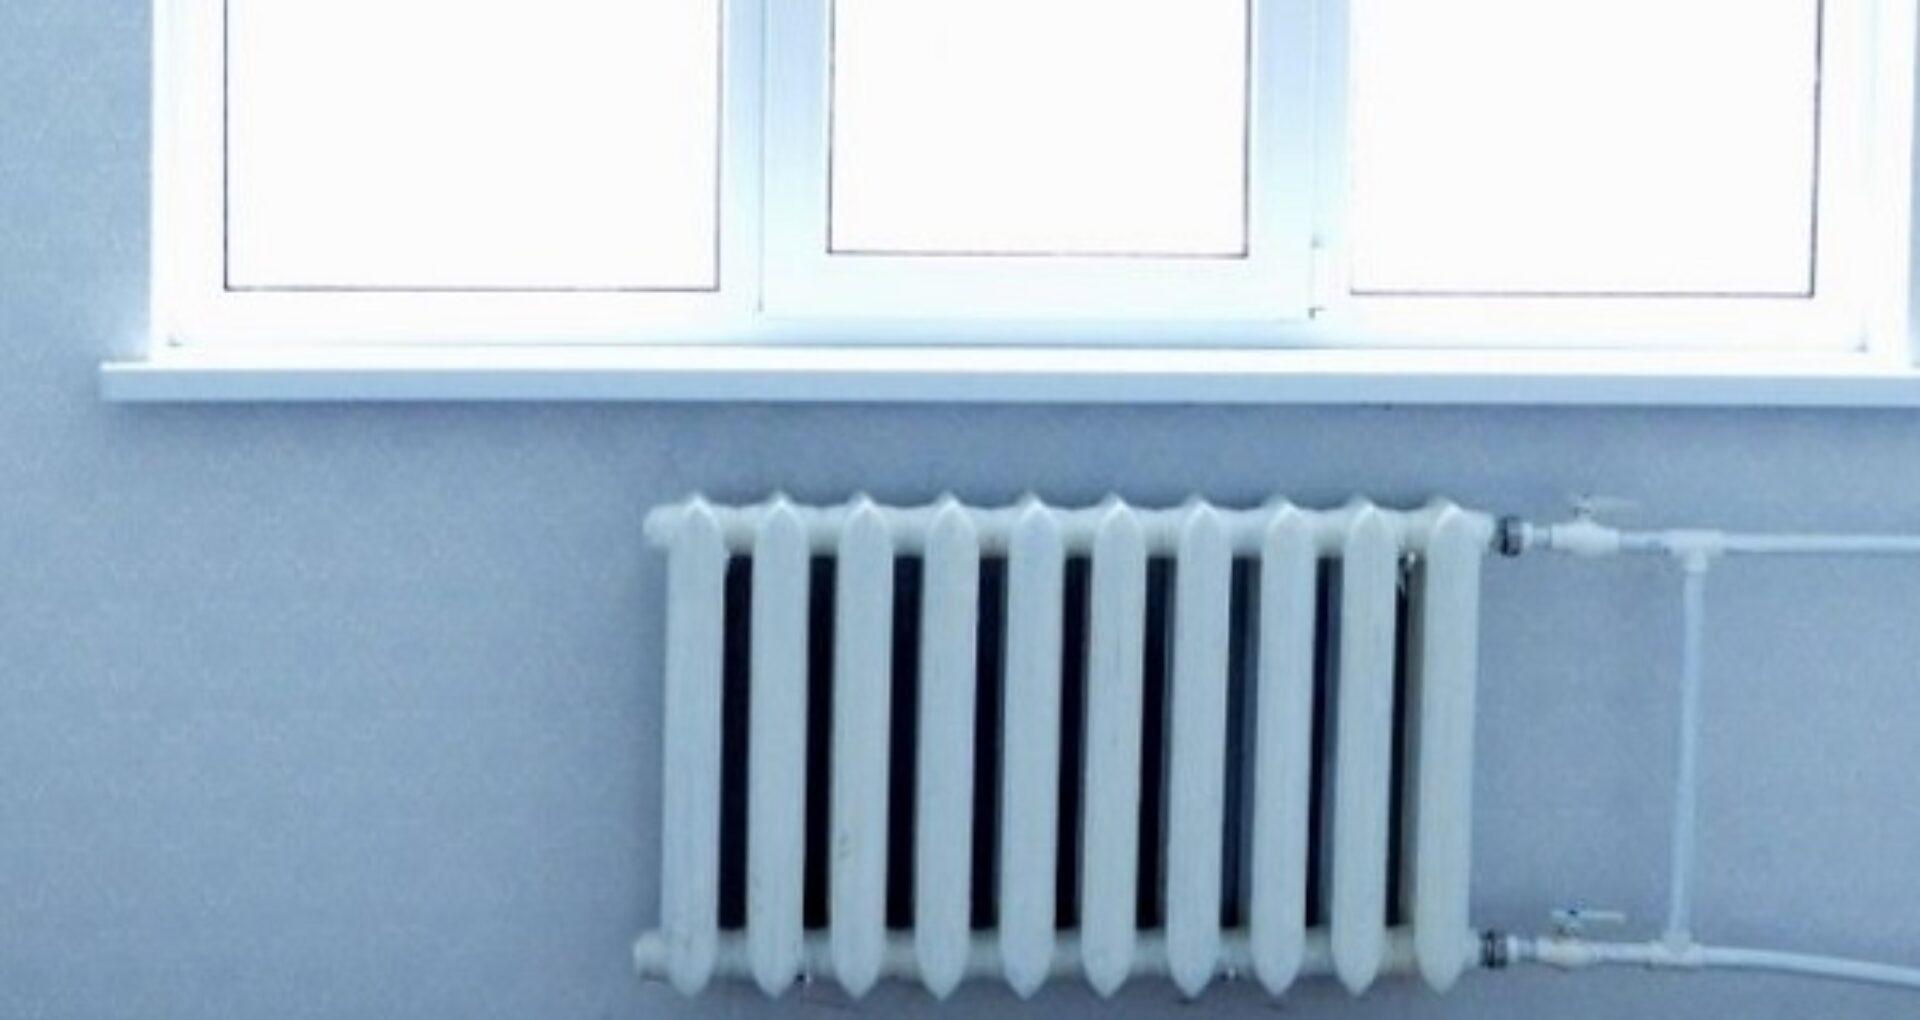 Locuitorii capitalei pot solicita conectarea agentului termic deși sezonul de încălzire încă nu a început